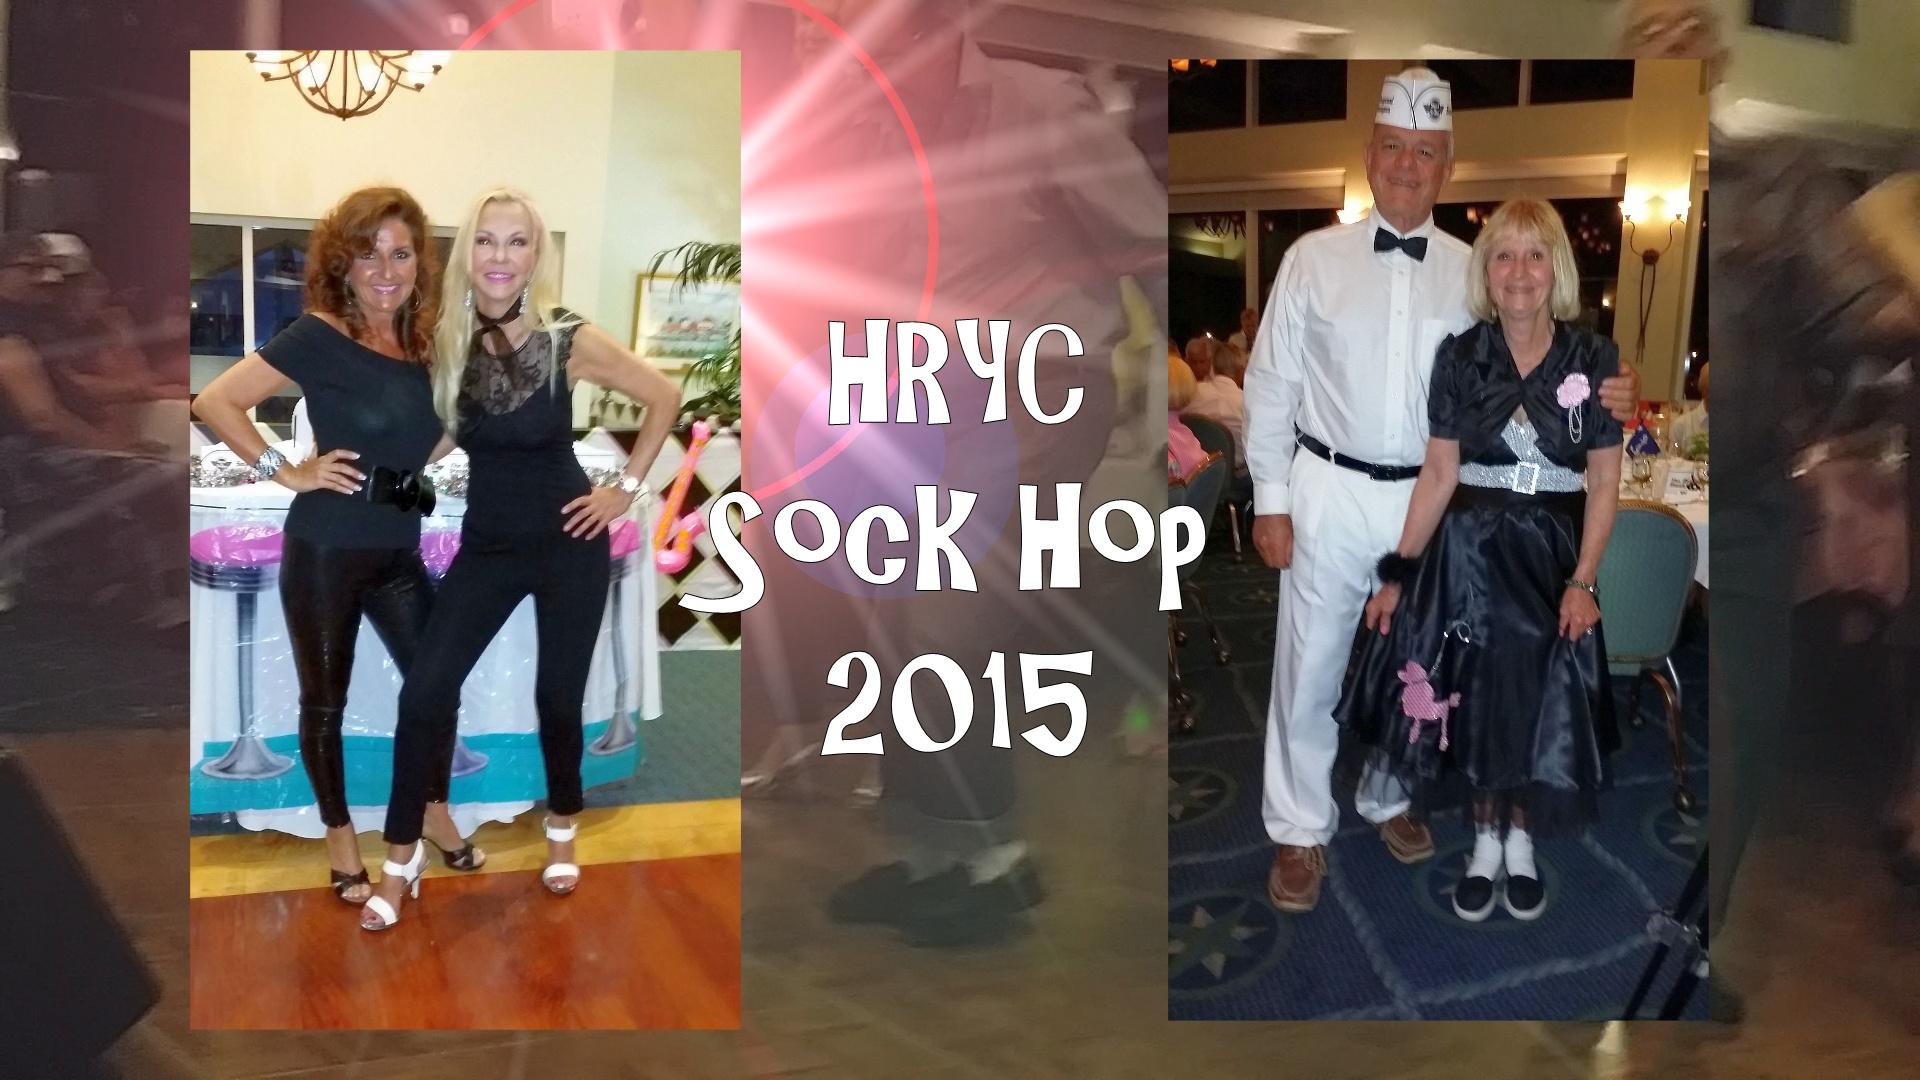 HRYC-SockHop2015